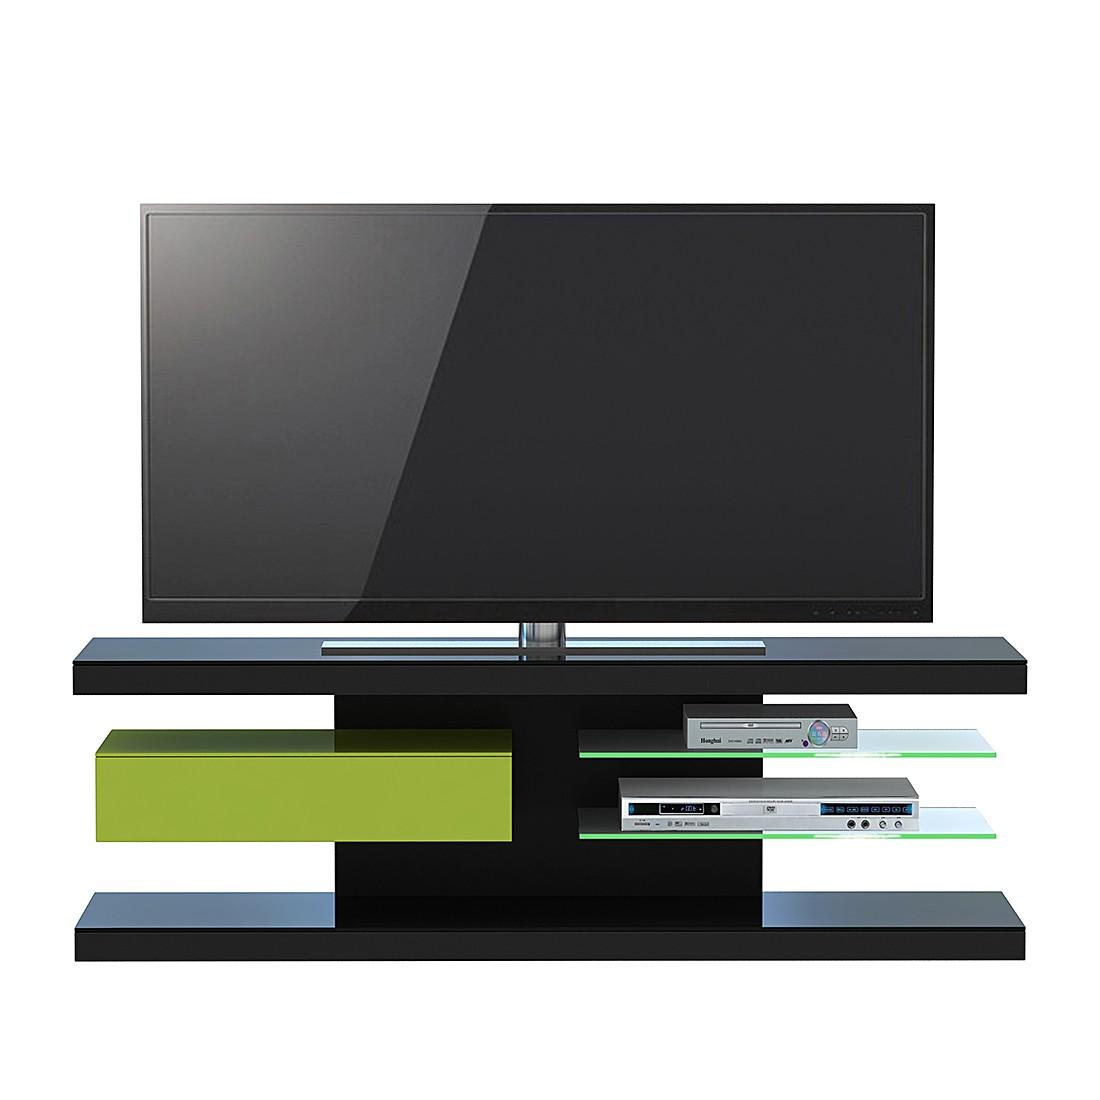 TV-Rack SL 660 – Schwarz / Grün, Jahnke günstig kaufen